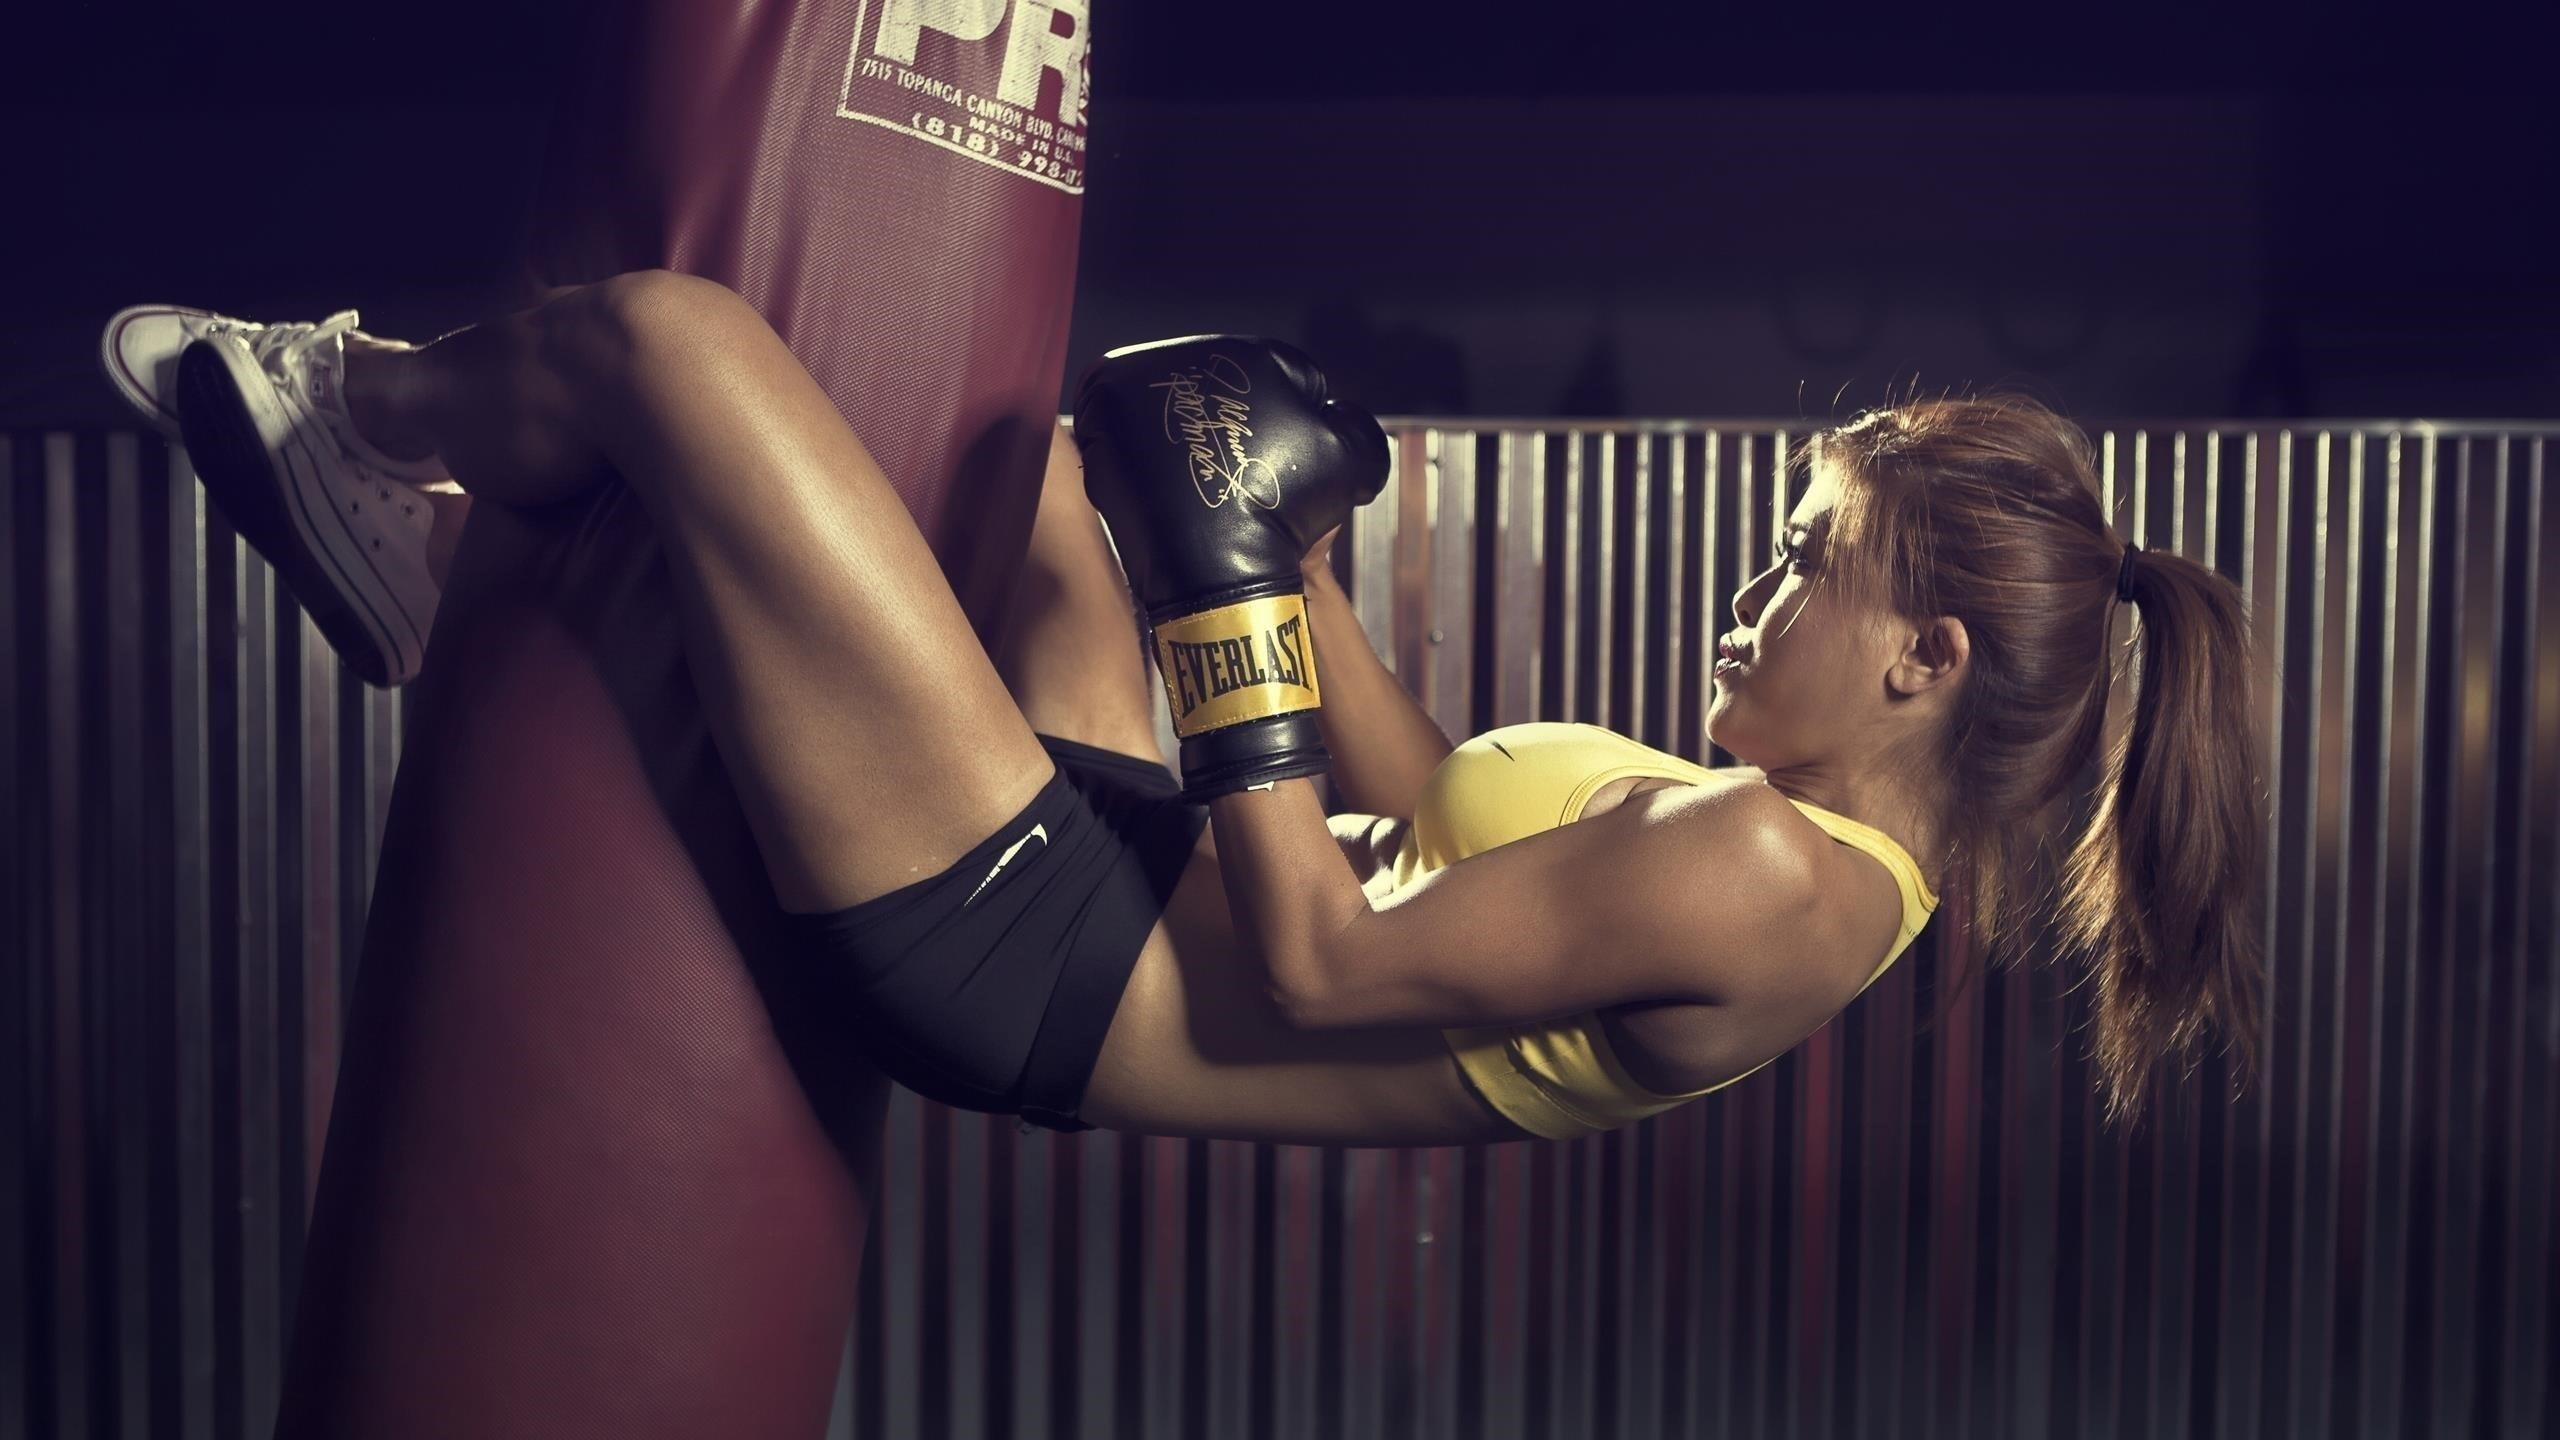 Бокс девушка на бордовом боксерском мешке в желто черном платье бокс обои скачать